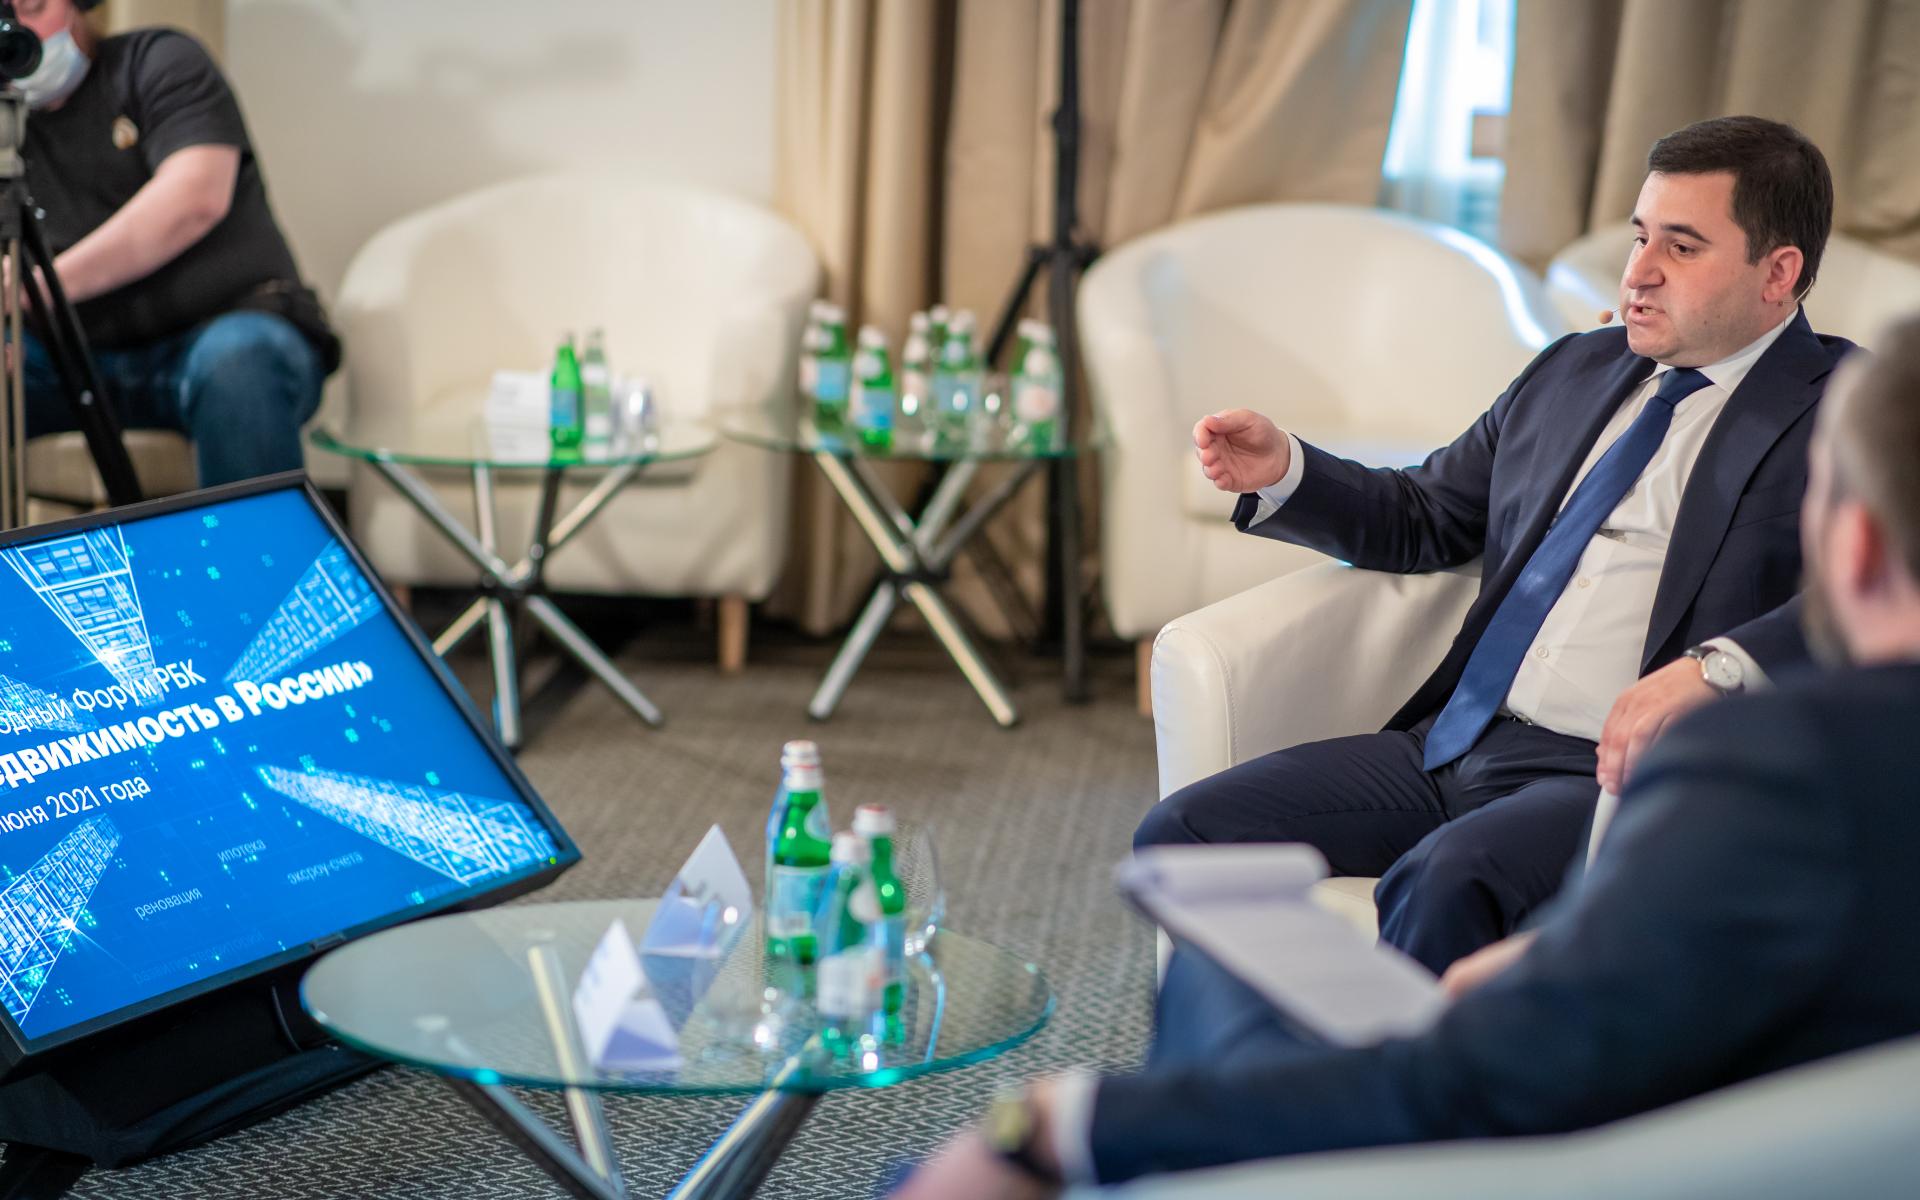 Заместитель министра строительства и ЖКХ России Никита Стасишин